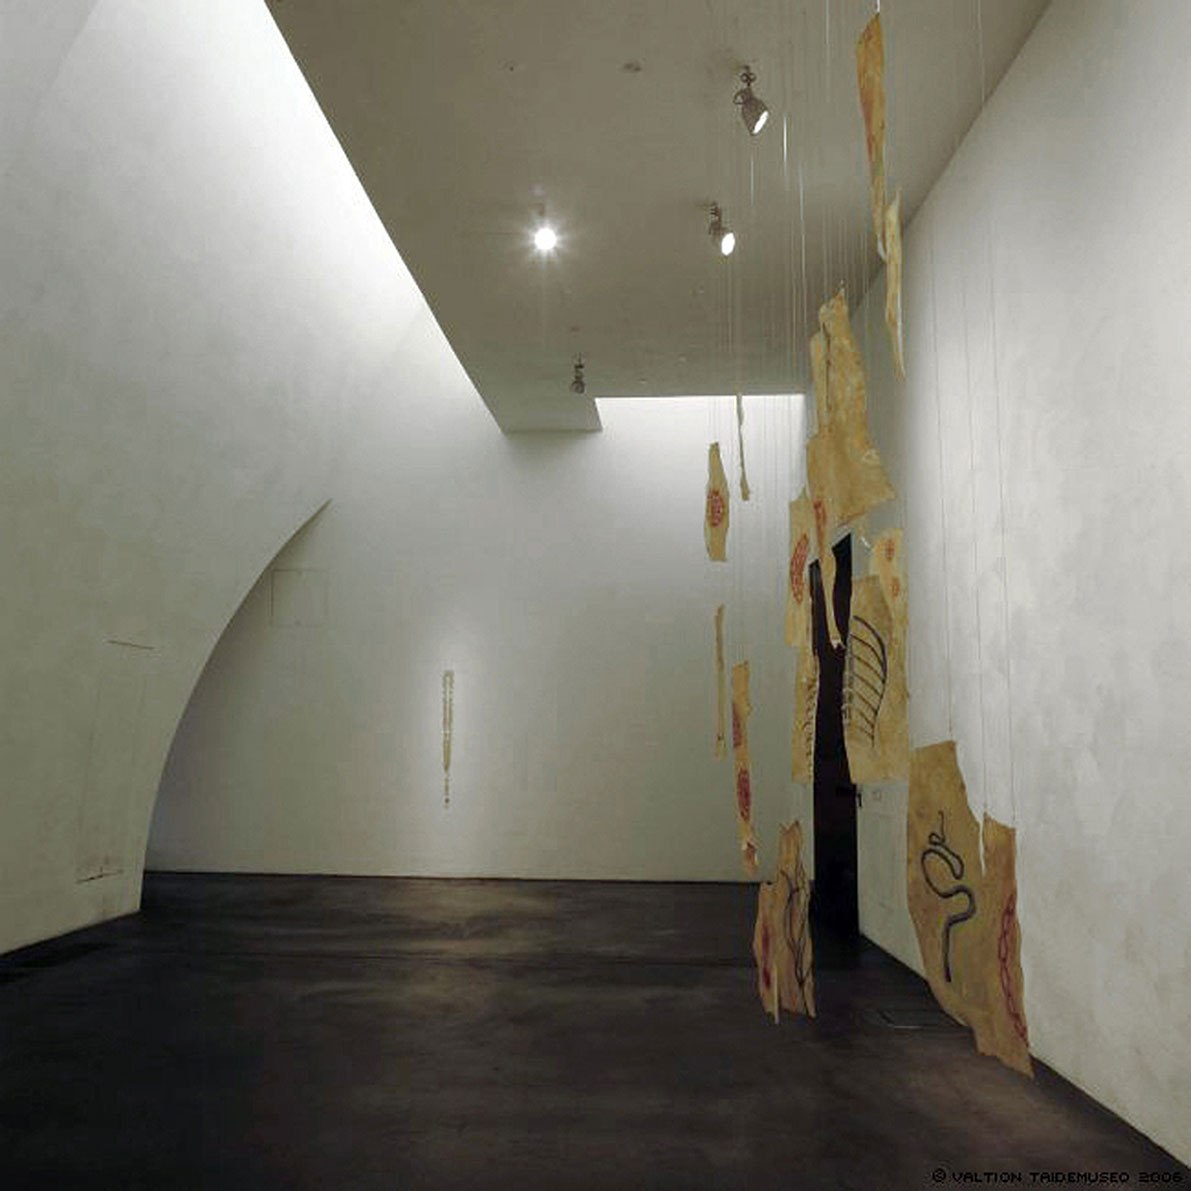 Installation view at Kiasma